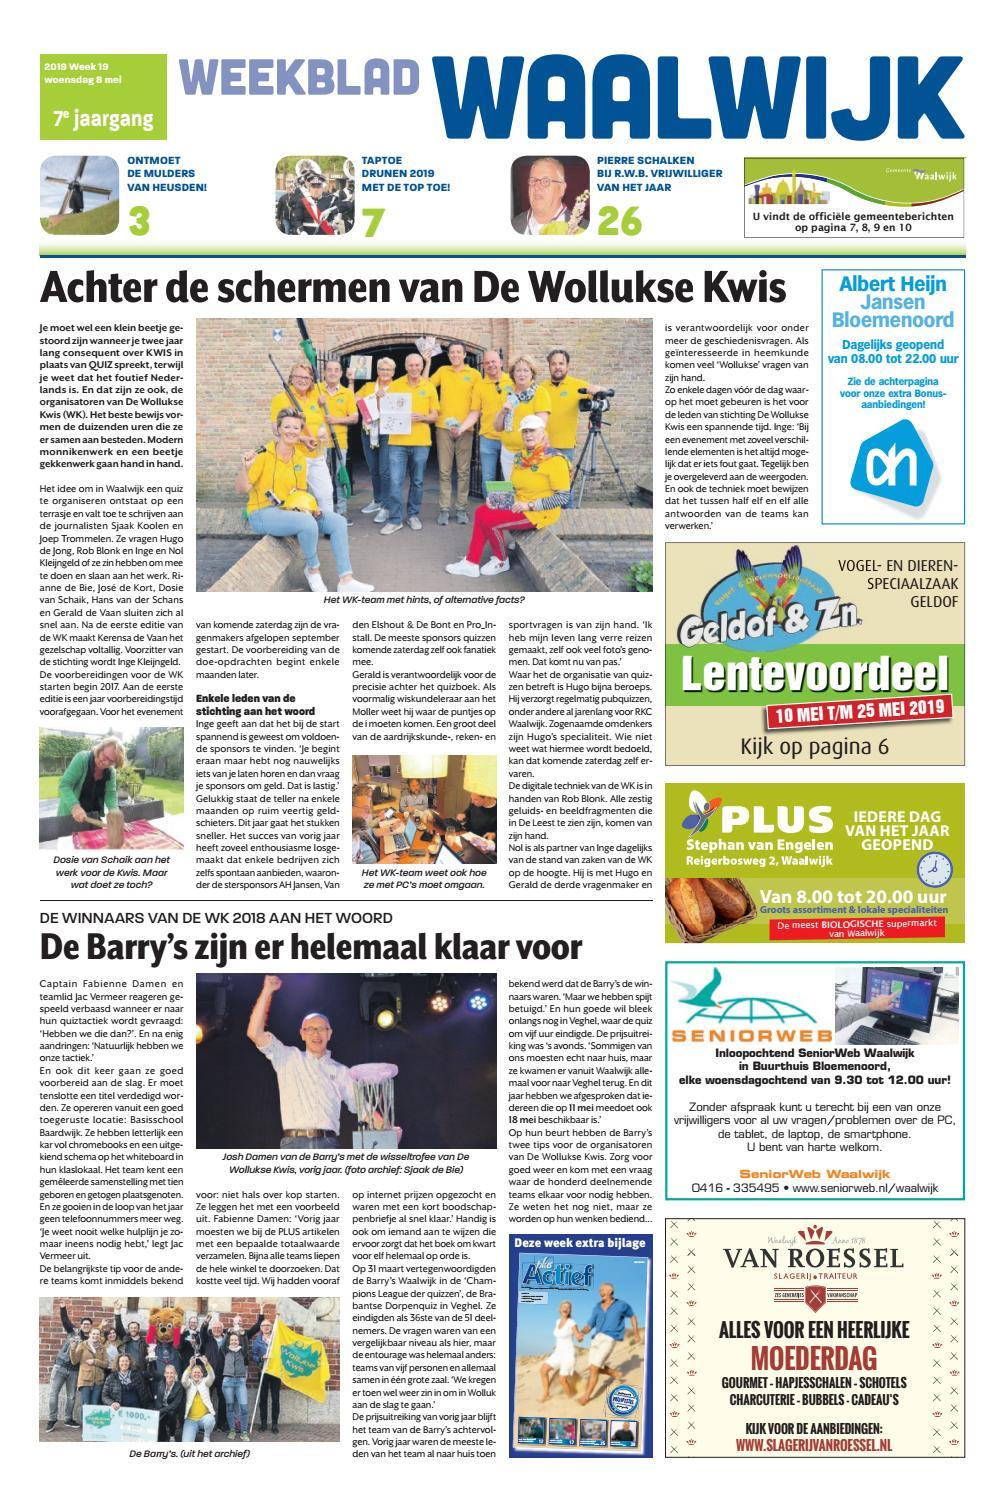 Weekblad Waalwijk 08 05 2019 By Uitgeverij Em De Jong Issuu